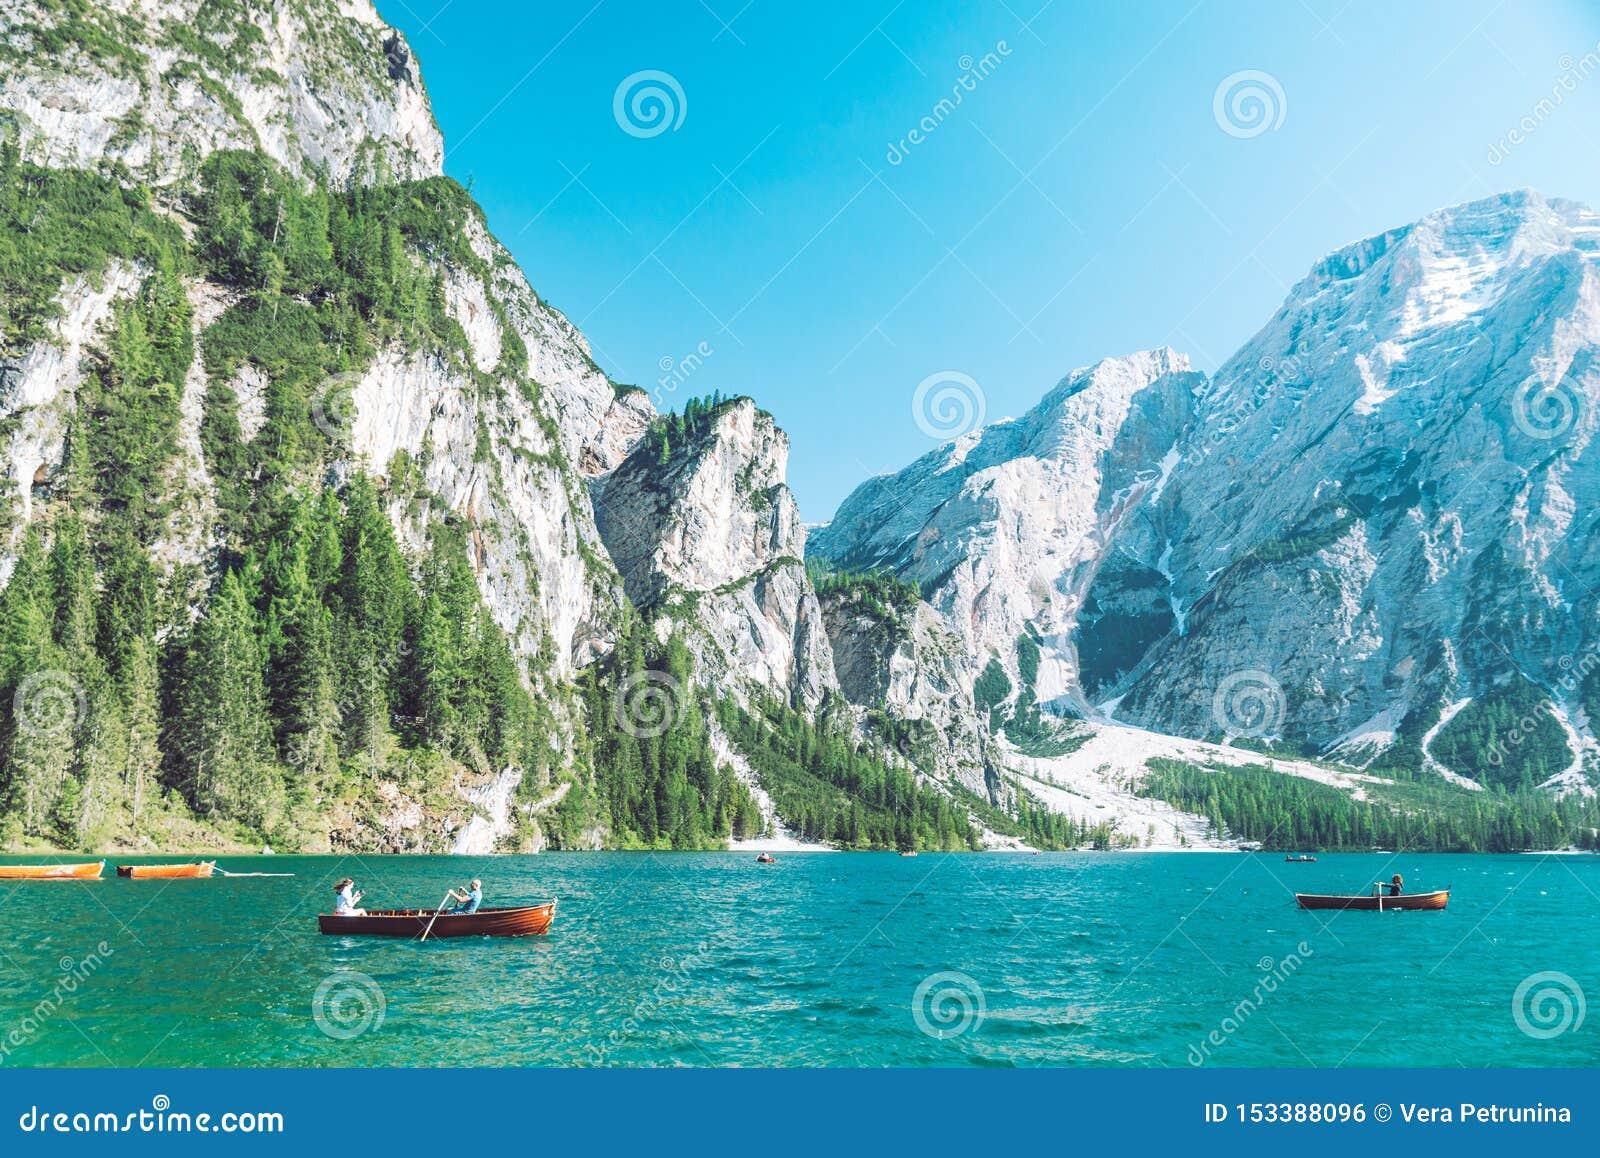 BRAIES ITALIEN - Juni 13, 2019: sikt av sjön i berg med fartyg i mitt